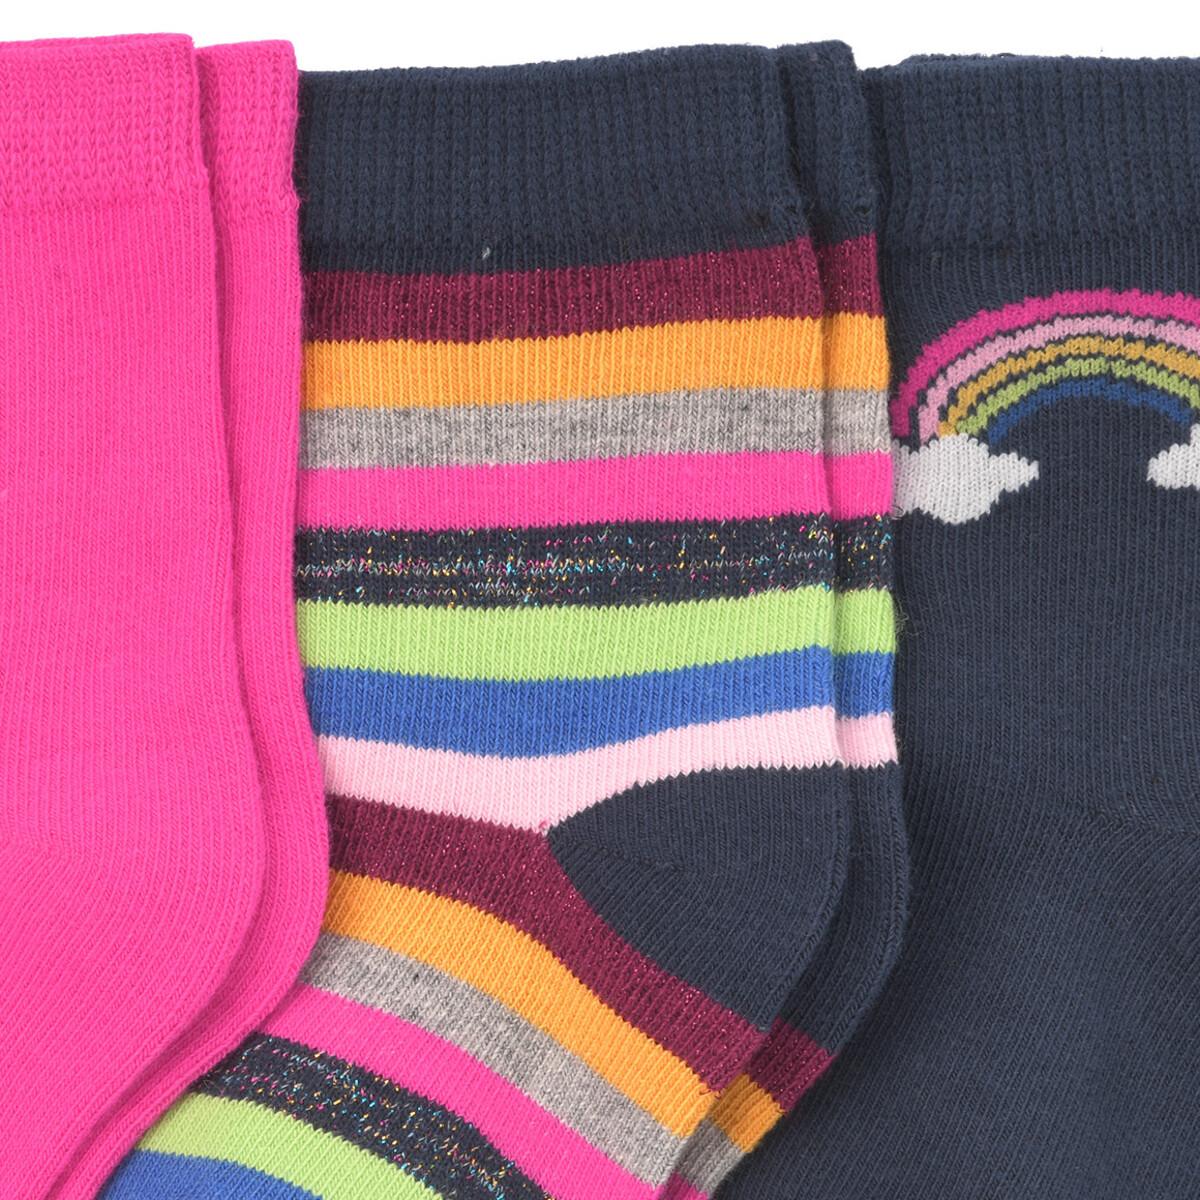 Bild 2 von 3 Paar Baby Socken im Set